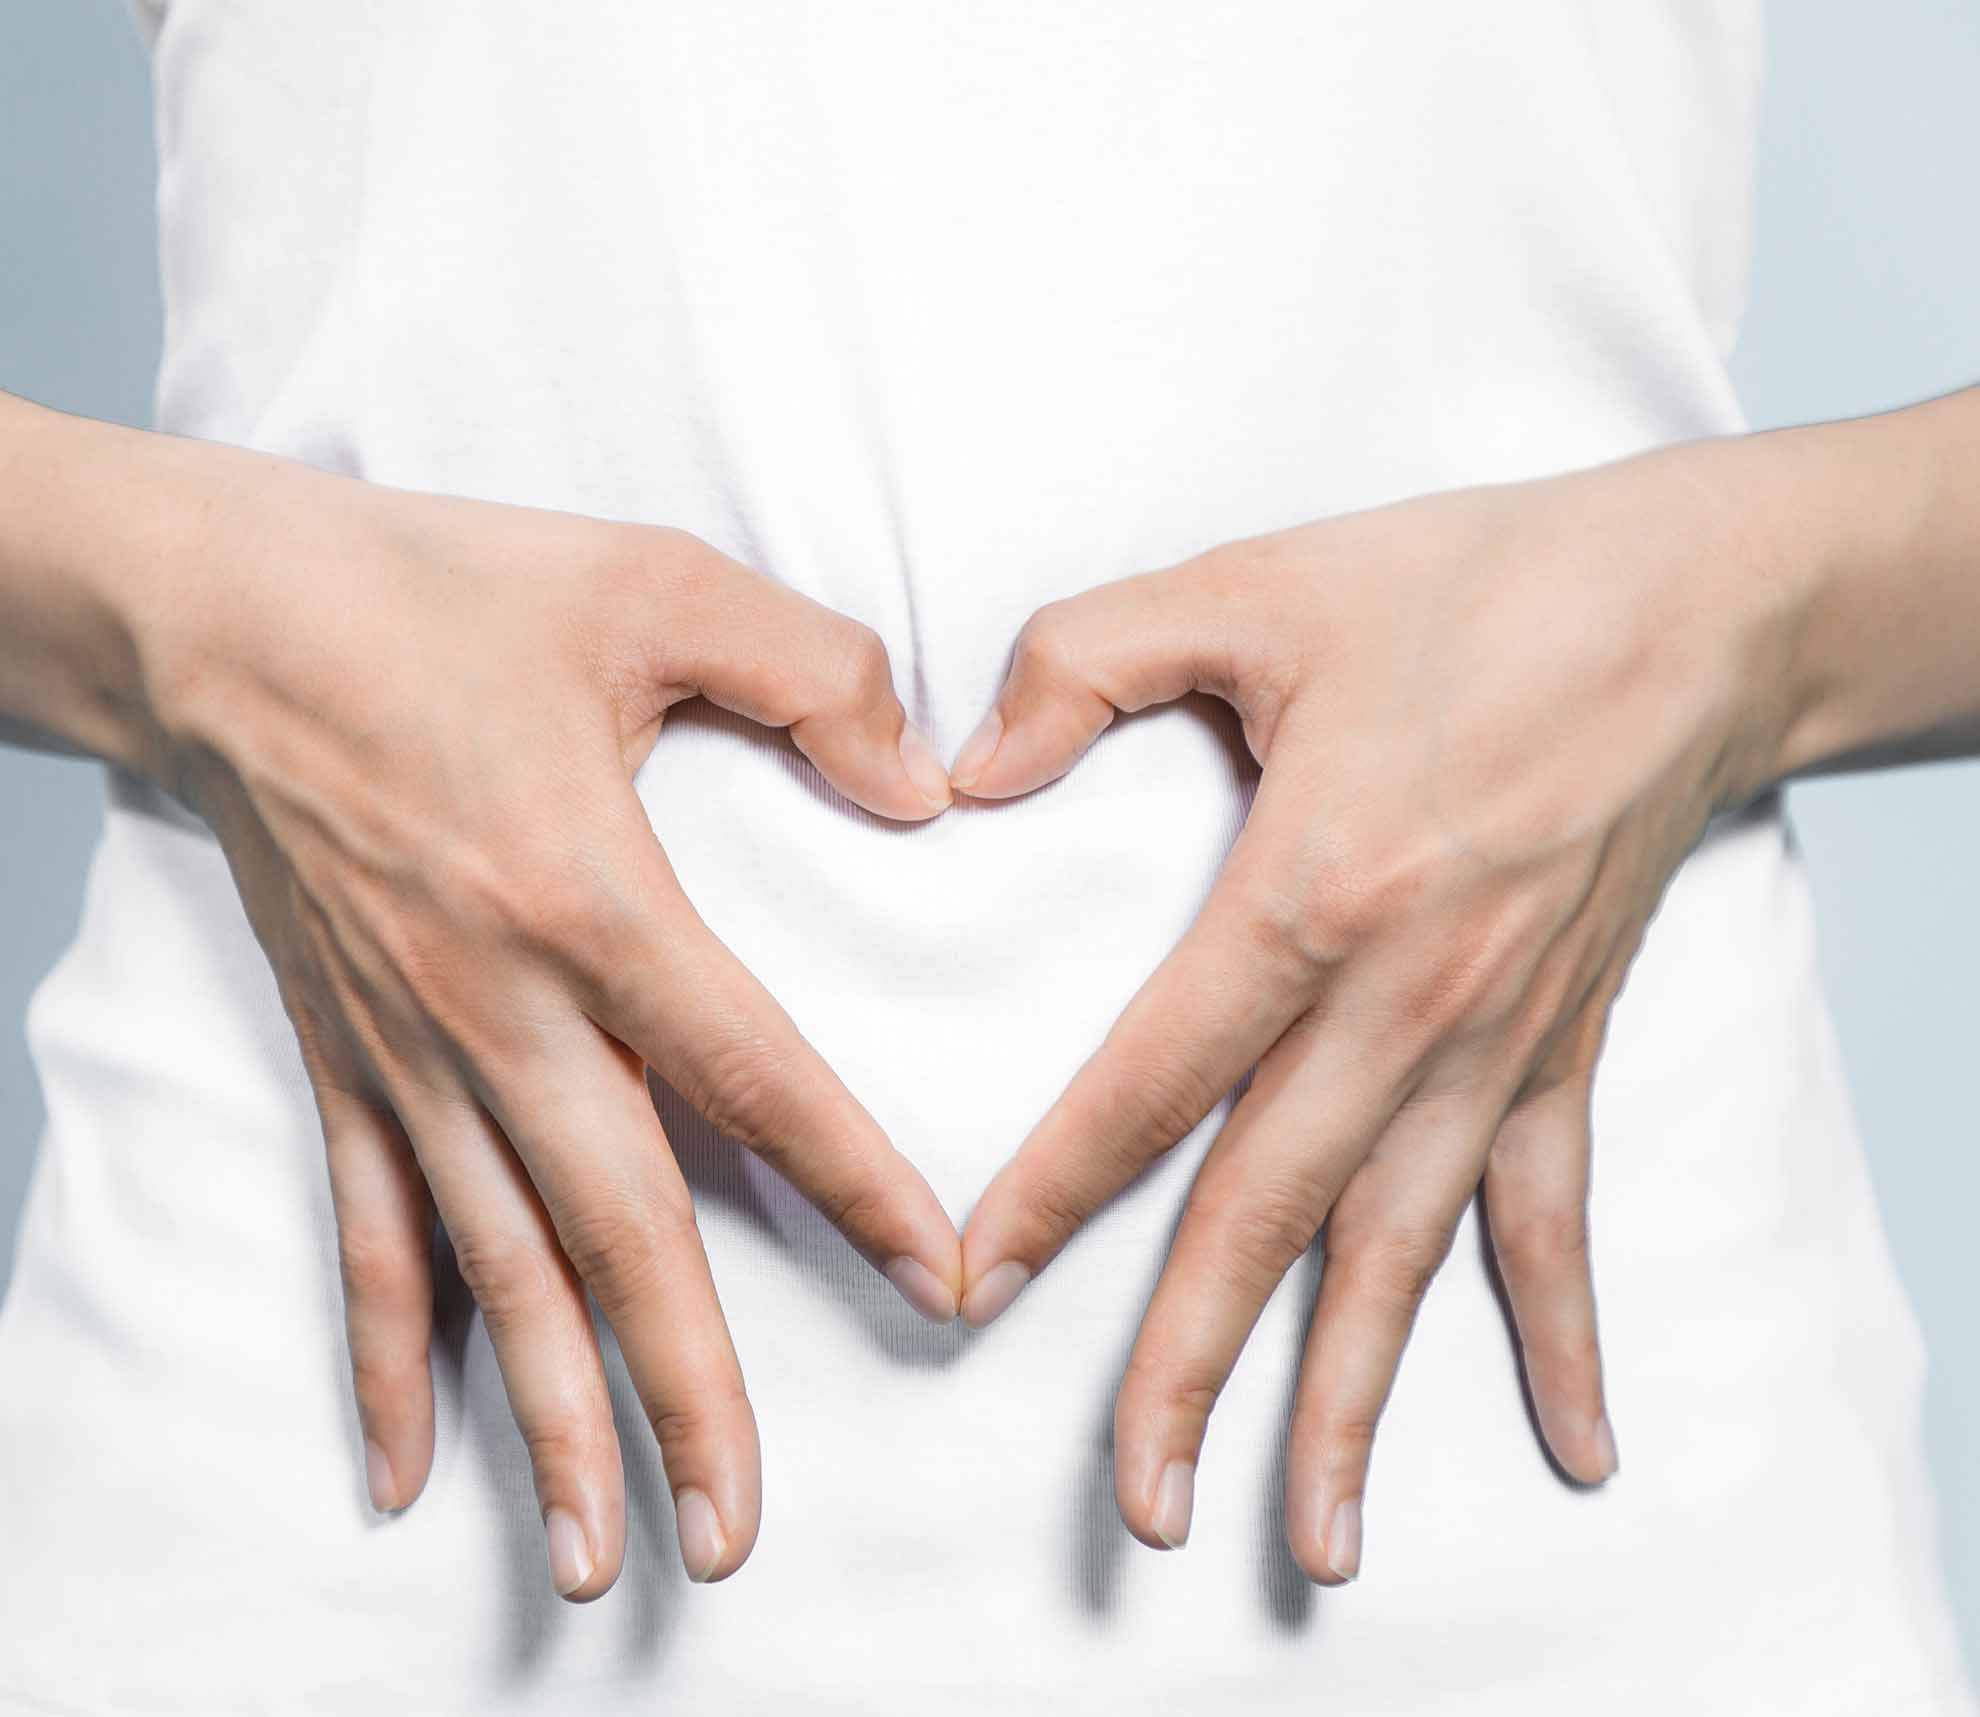 Hektik und hastiges Essen schlagen sich auf den Magen, eine ungesunde Ernährung und Bewegungsarmut machen den Darm träge. Dies hat aber auch große Auswirkungen auf unsere Haut, welche den Zustand der Darmschleimhaut außen widerspiegelt.